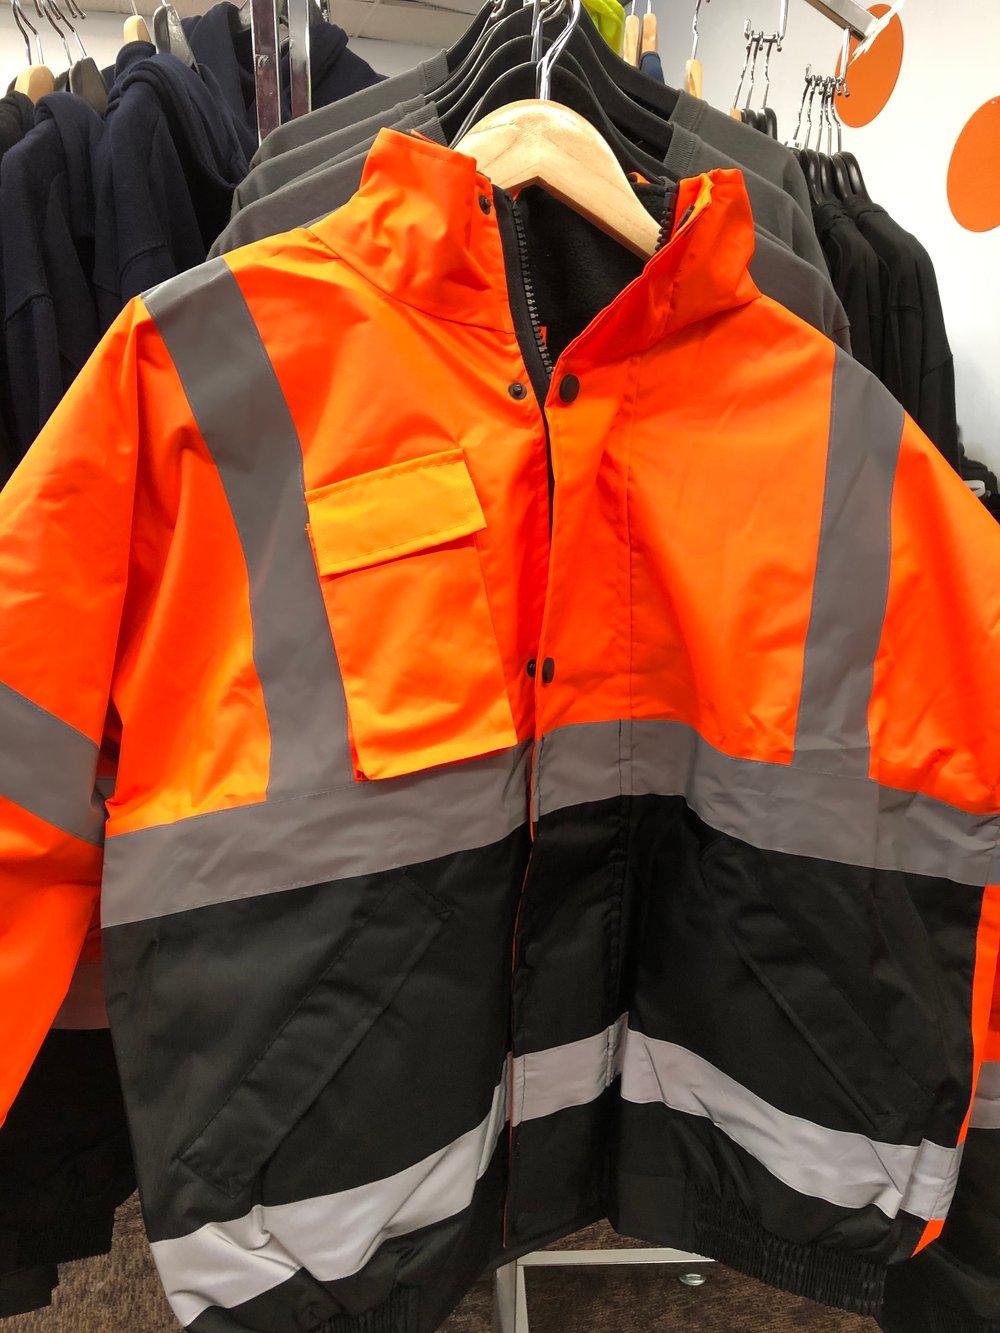 Bomber Style Reflective Safety Jacket